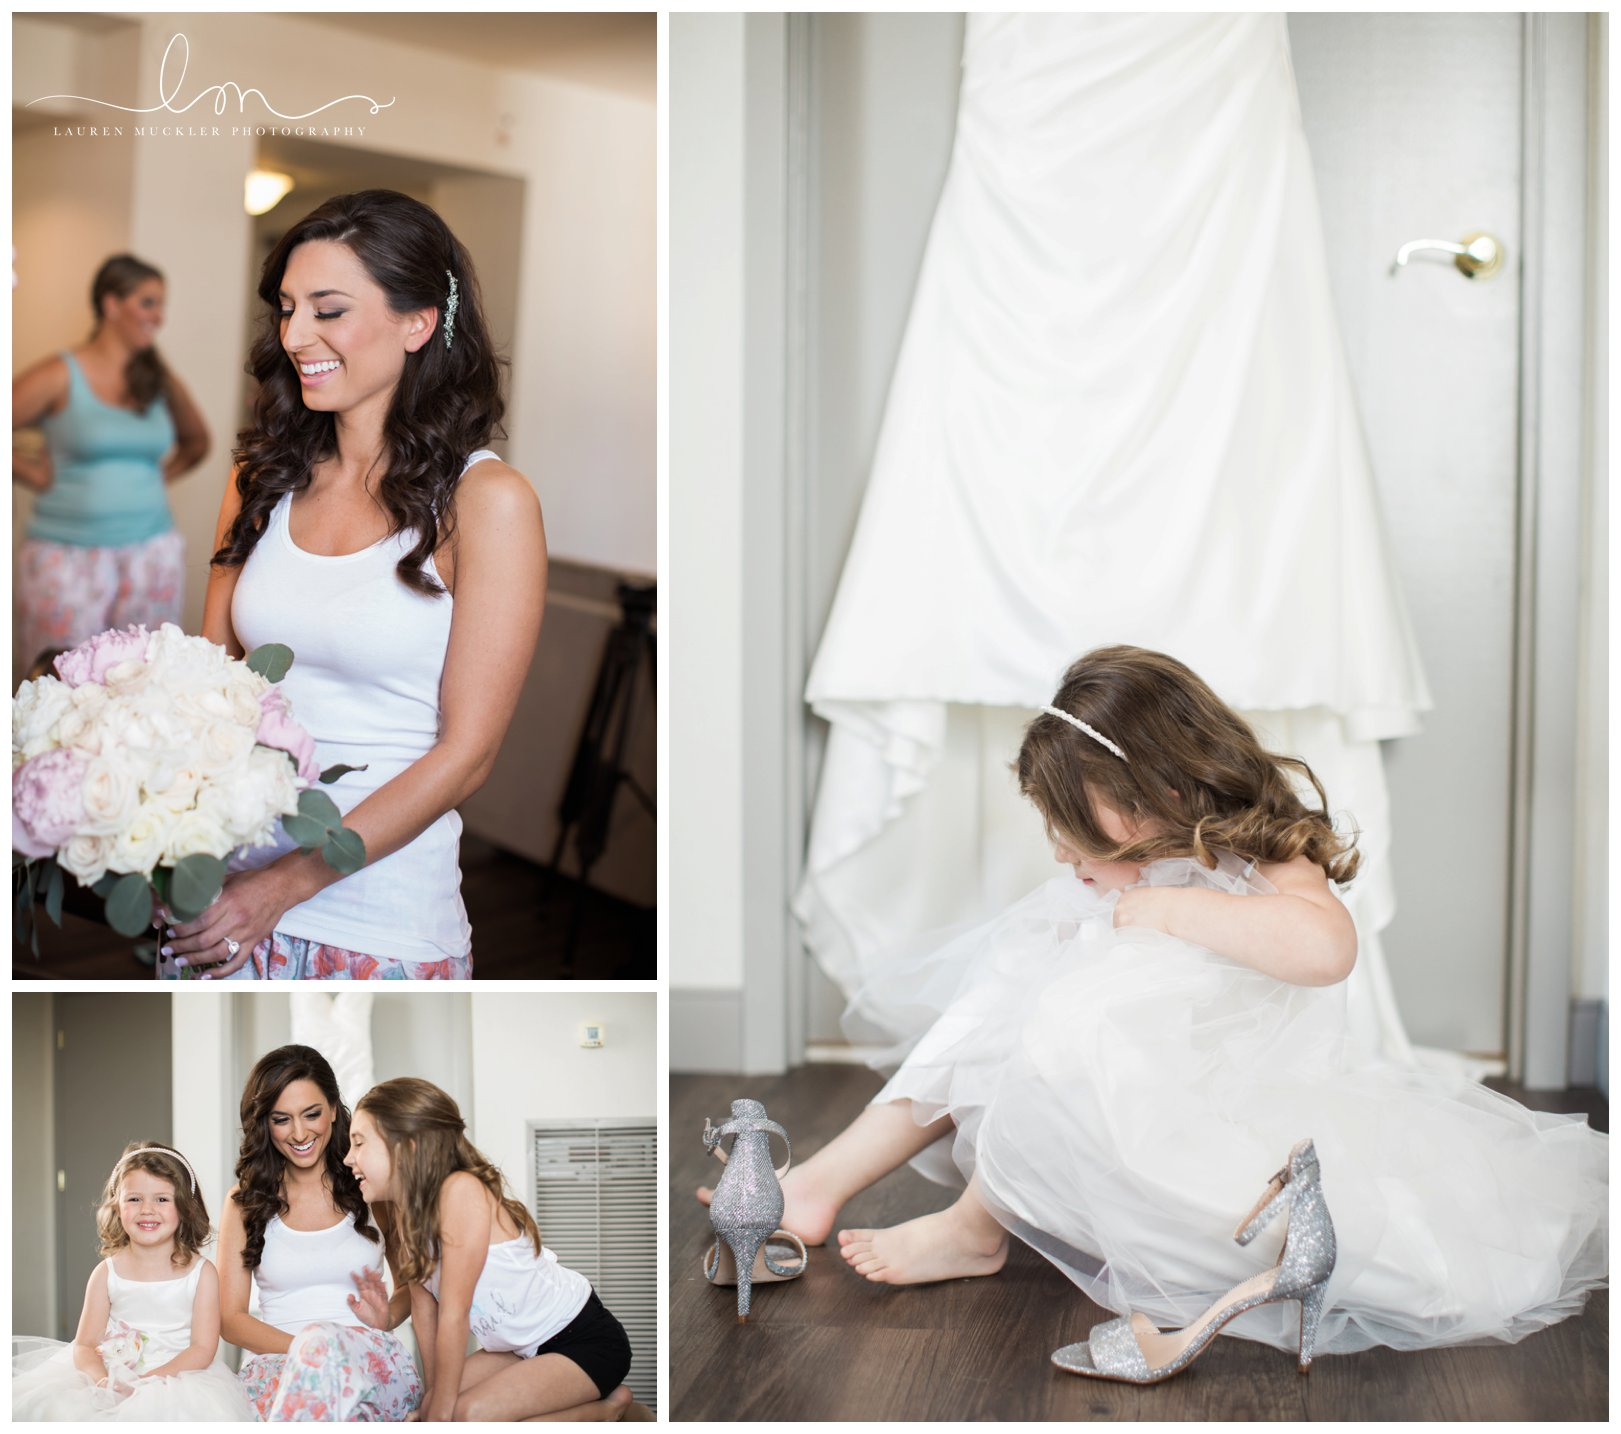 lauren muckler photography_fine art film wedding photography_st louis_photography_0252.jpg